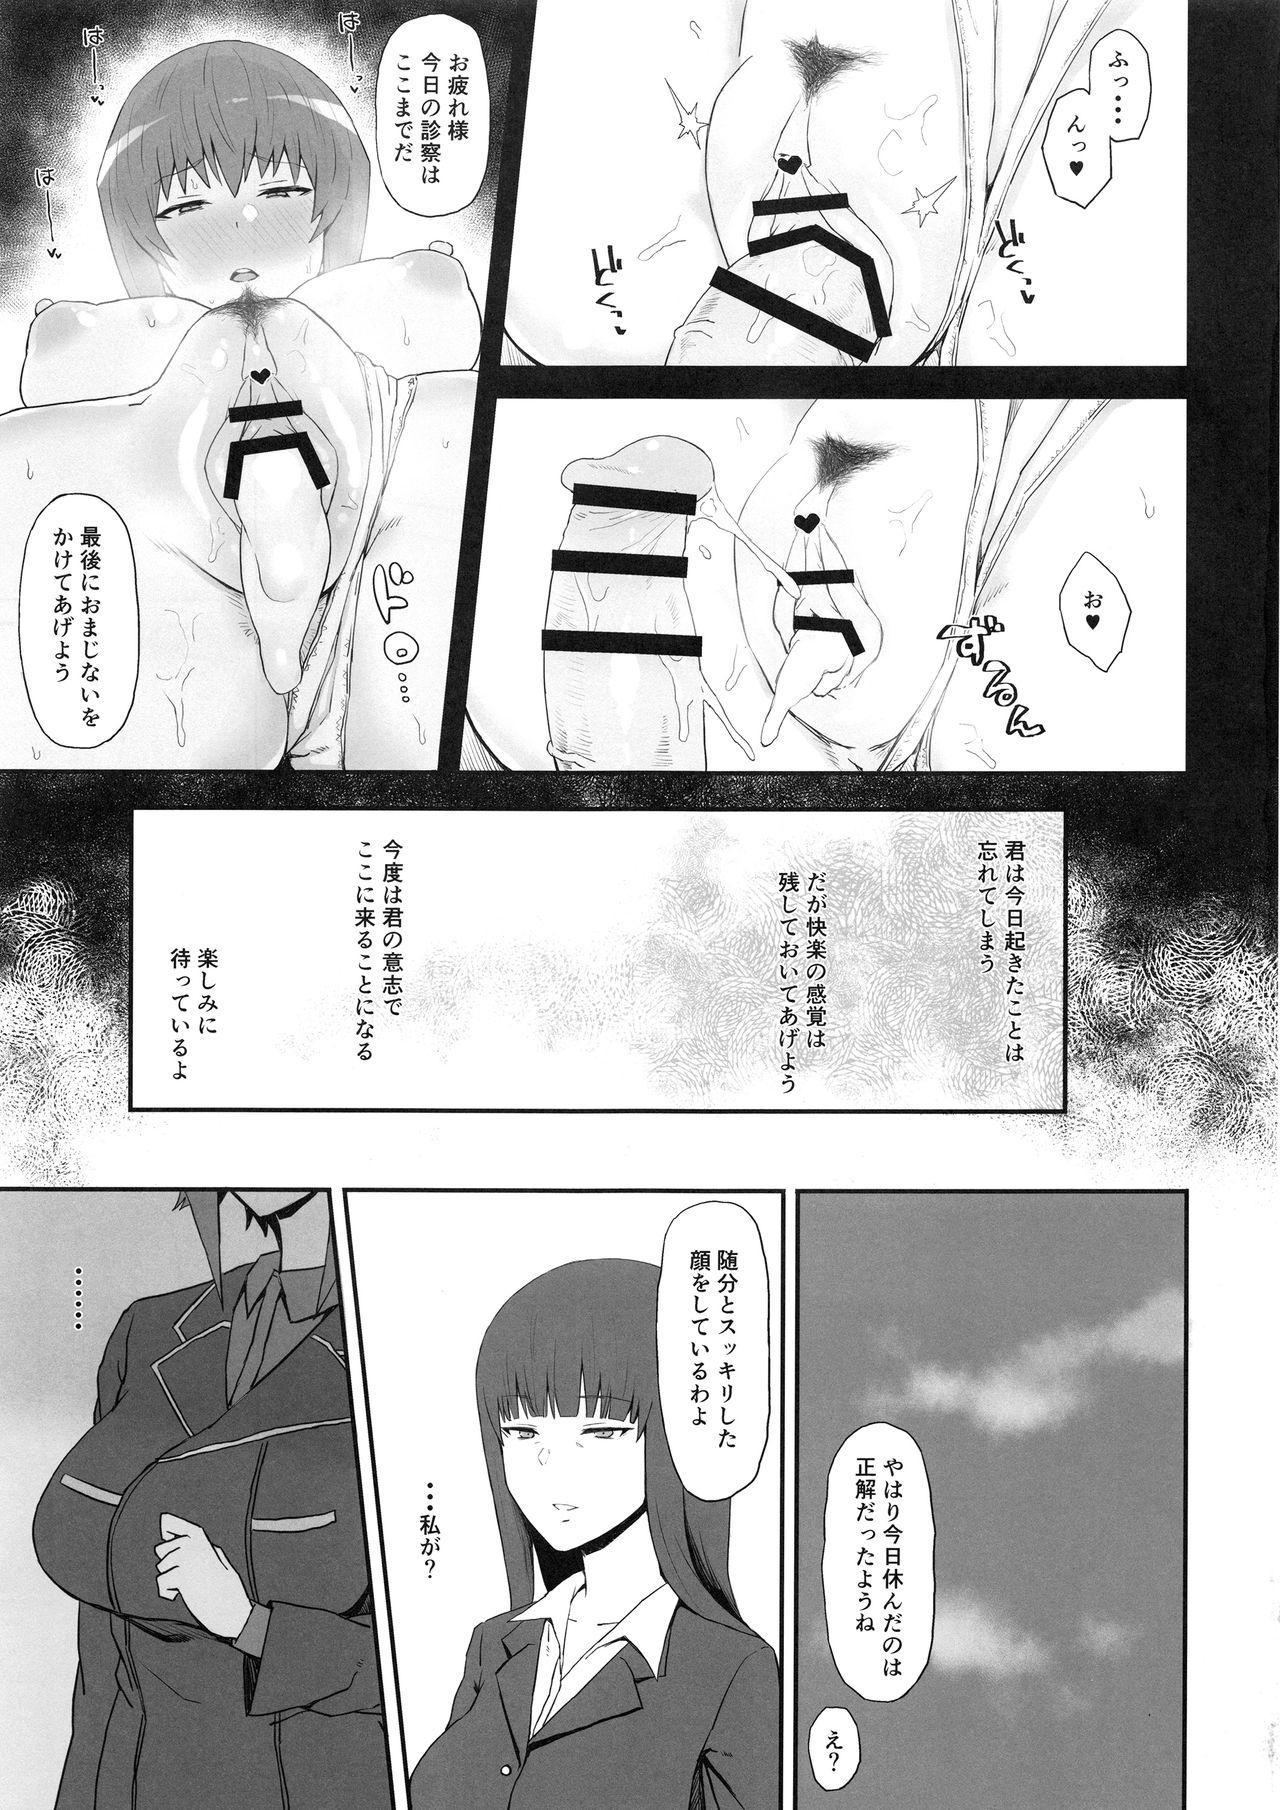 Otoko o Shitta Sensha Musume Yon 11